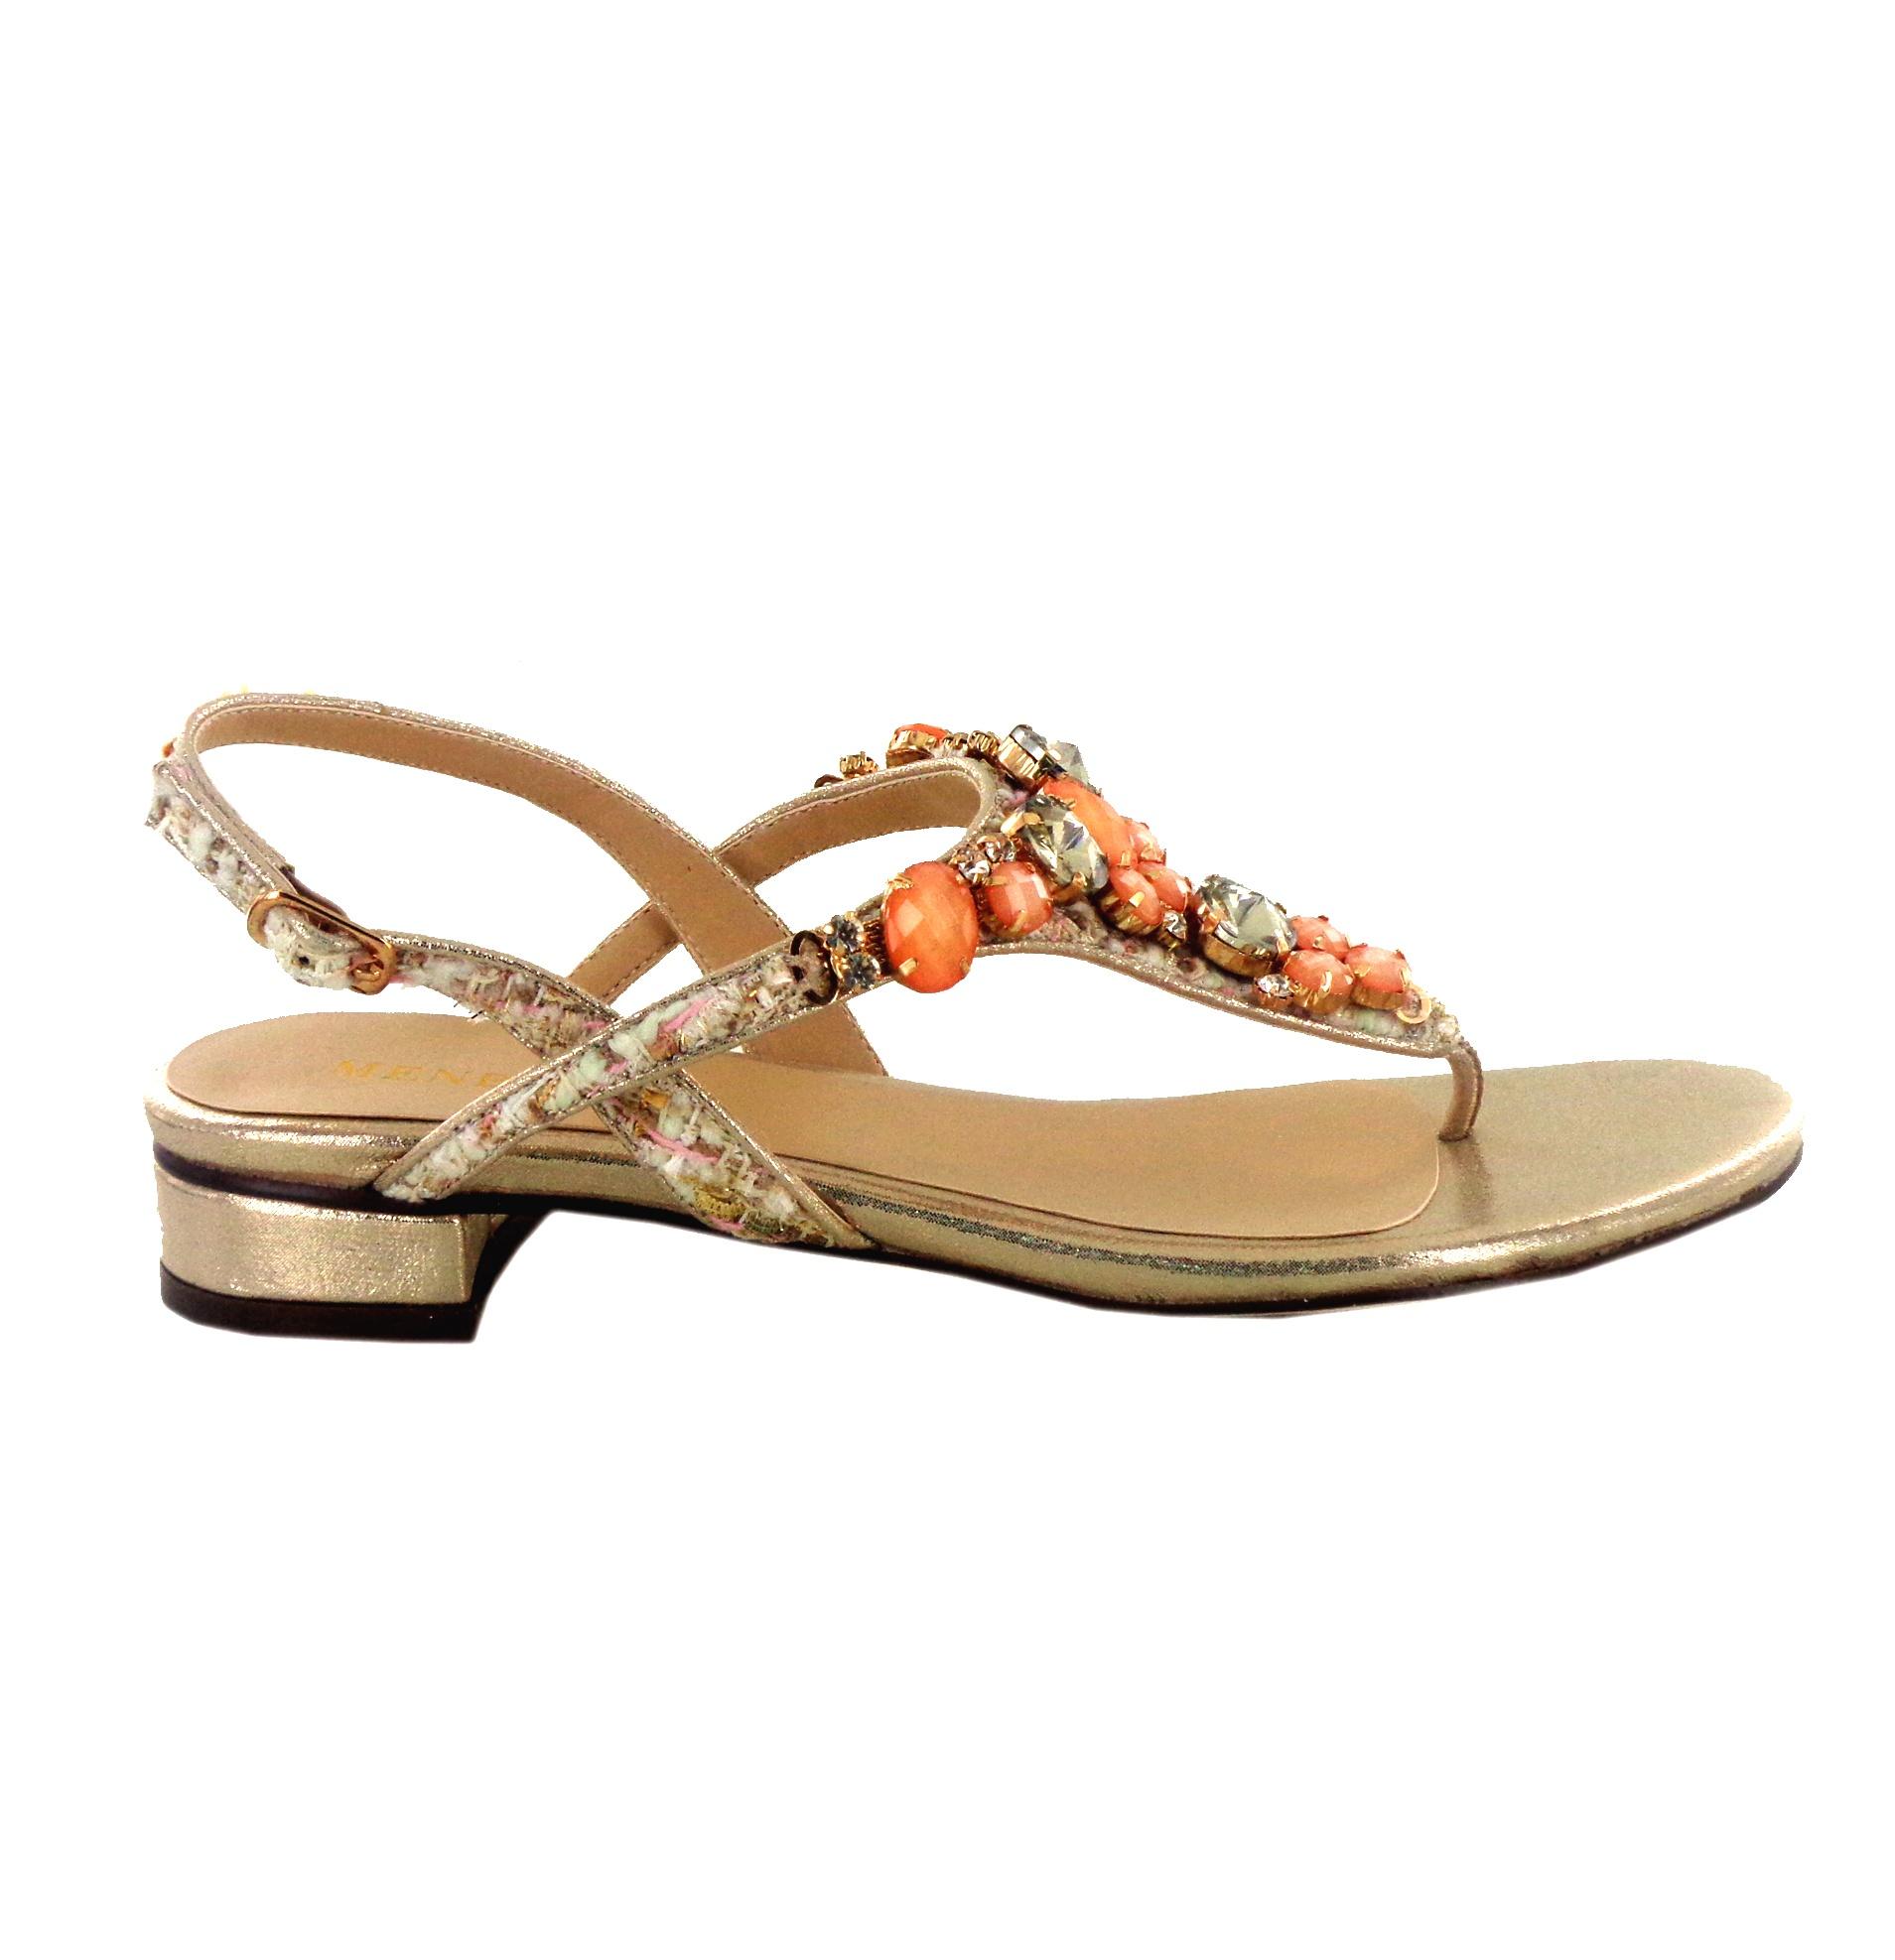 Abril shoes SandaliasCueroBlanco Envío gratis Auténtico ZkLdAHSZ